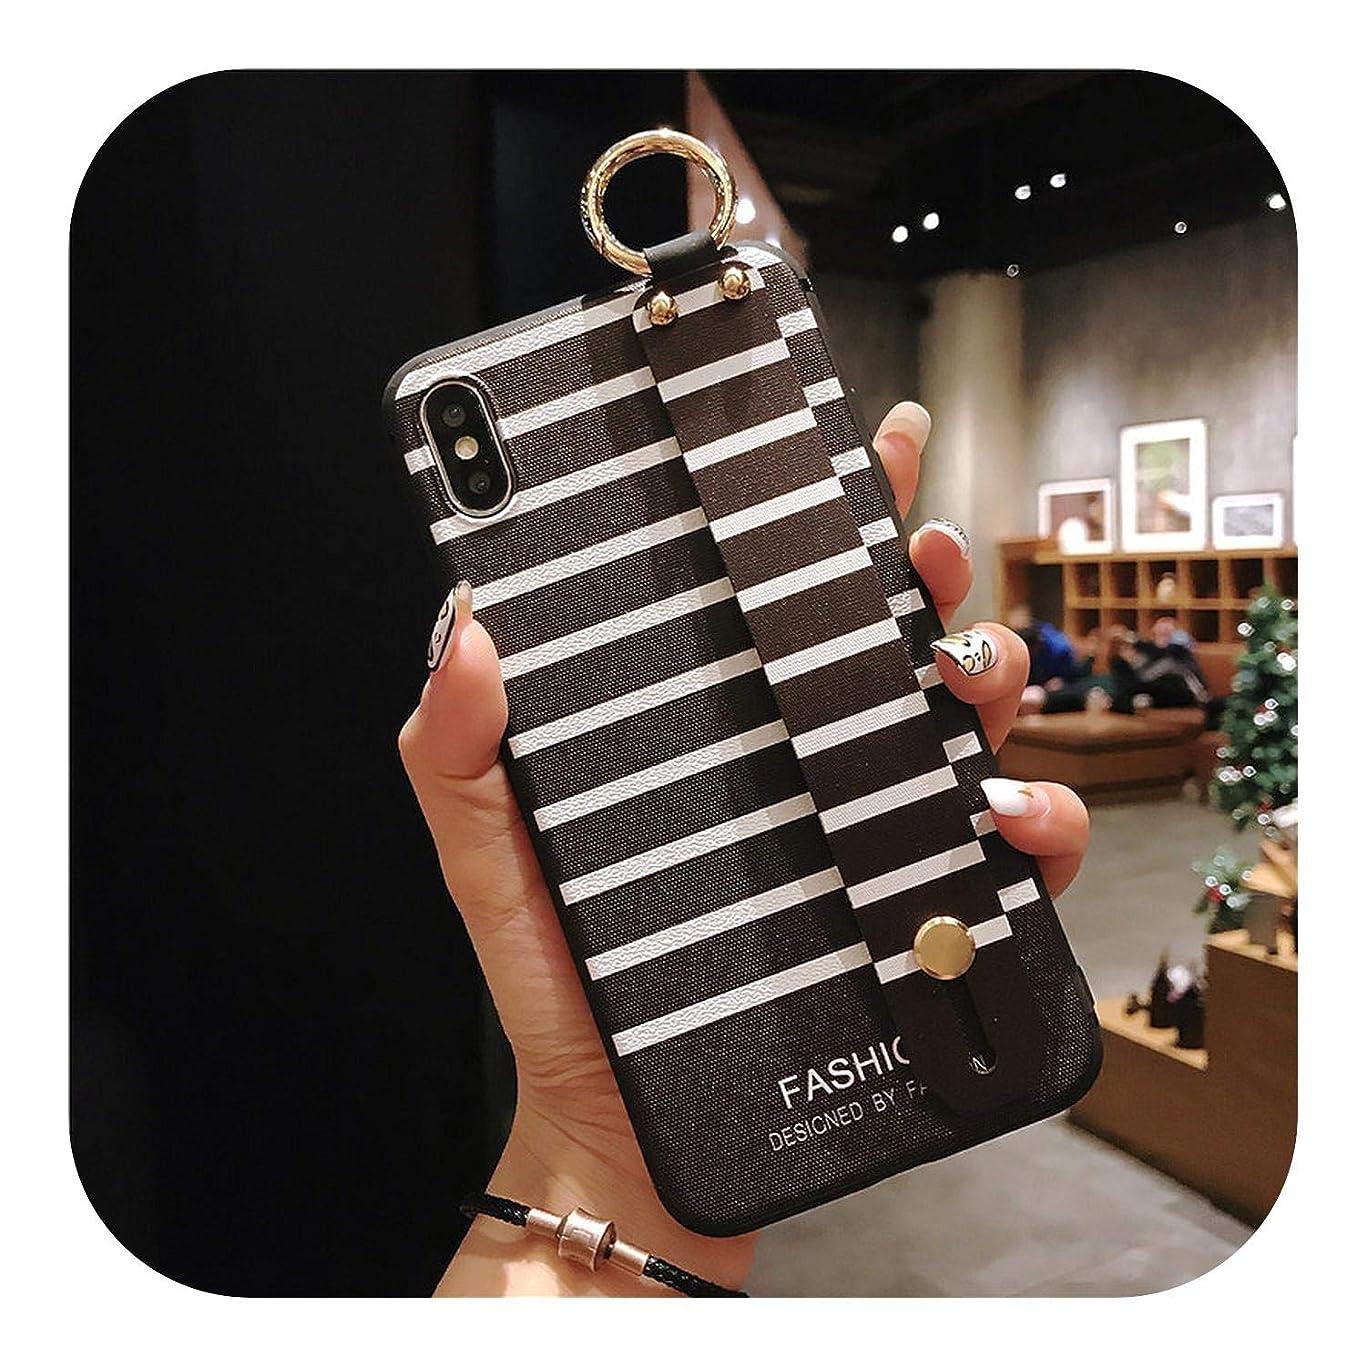 建物決済合図スマホケース非常に美しい3Dエンボスホルダーソフトケースiphone 7 8プラス6 6 sプラス電話ケースiphone X Xs最大XR 11プロマックスカバーケース-Style 10-For iphone 8 plus